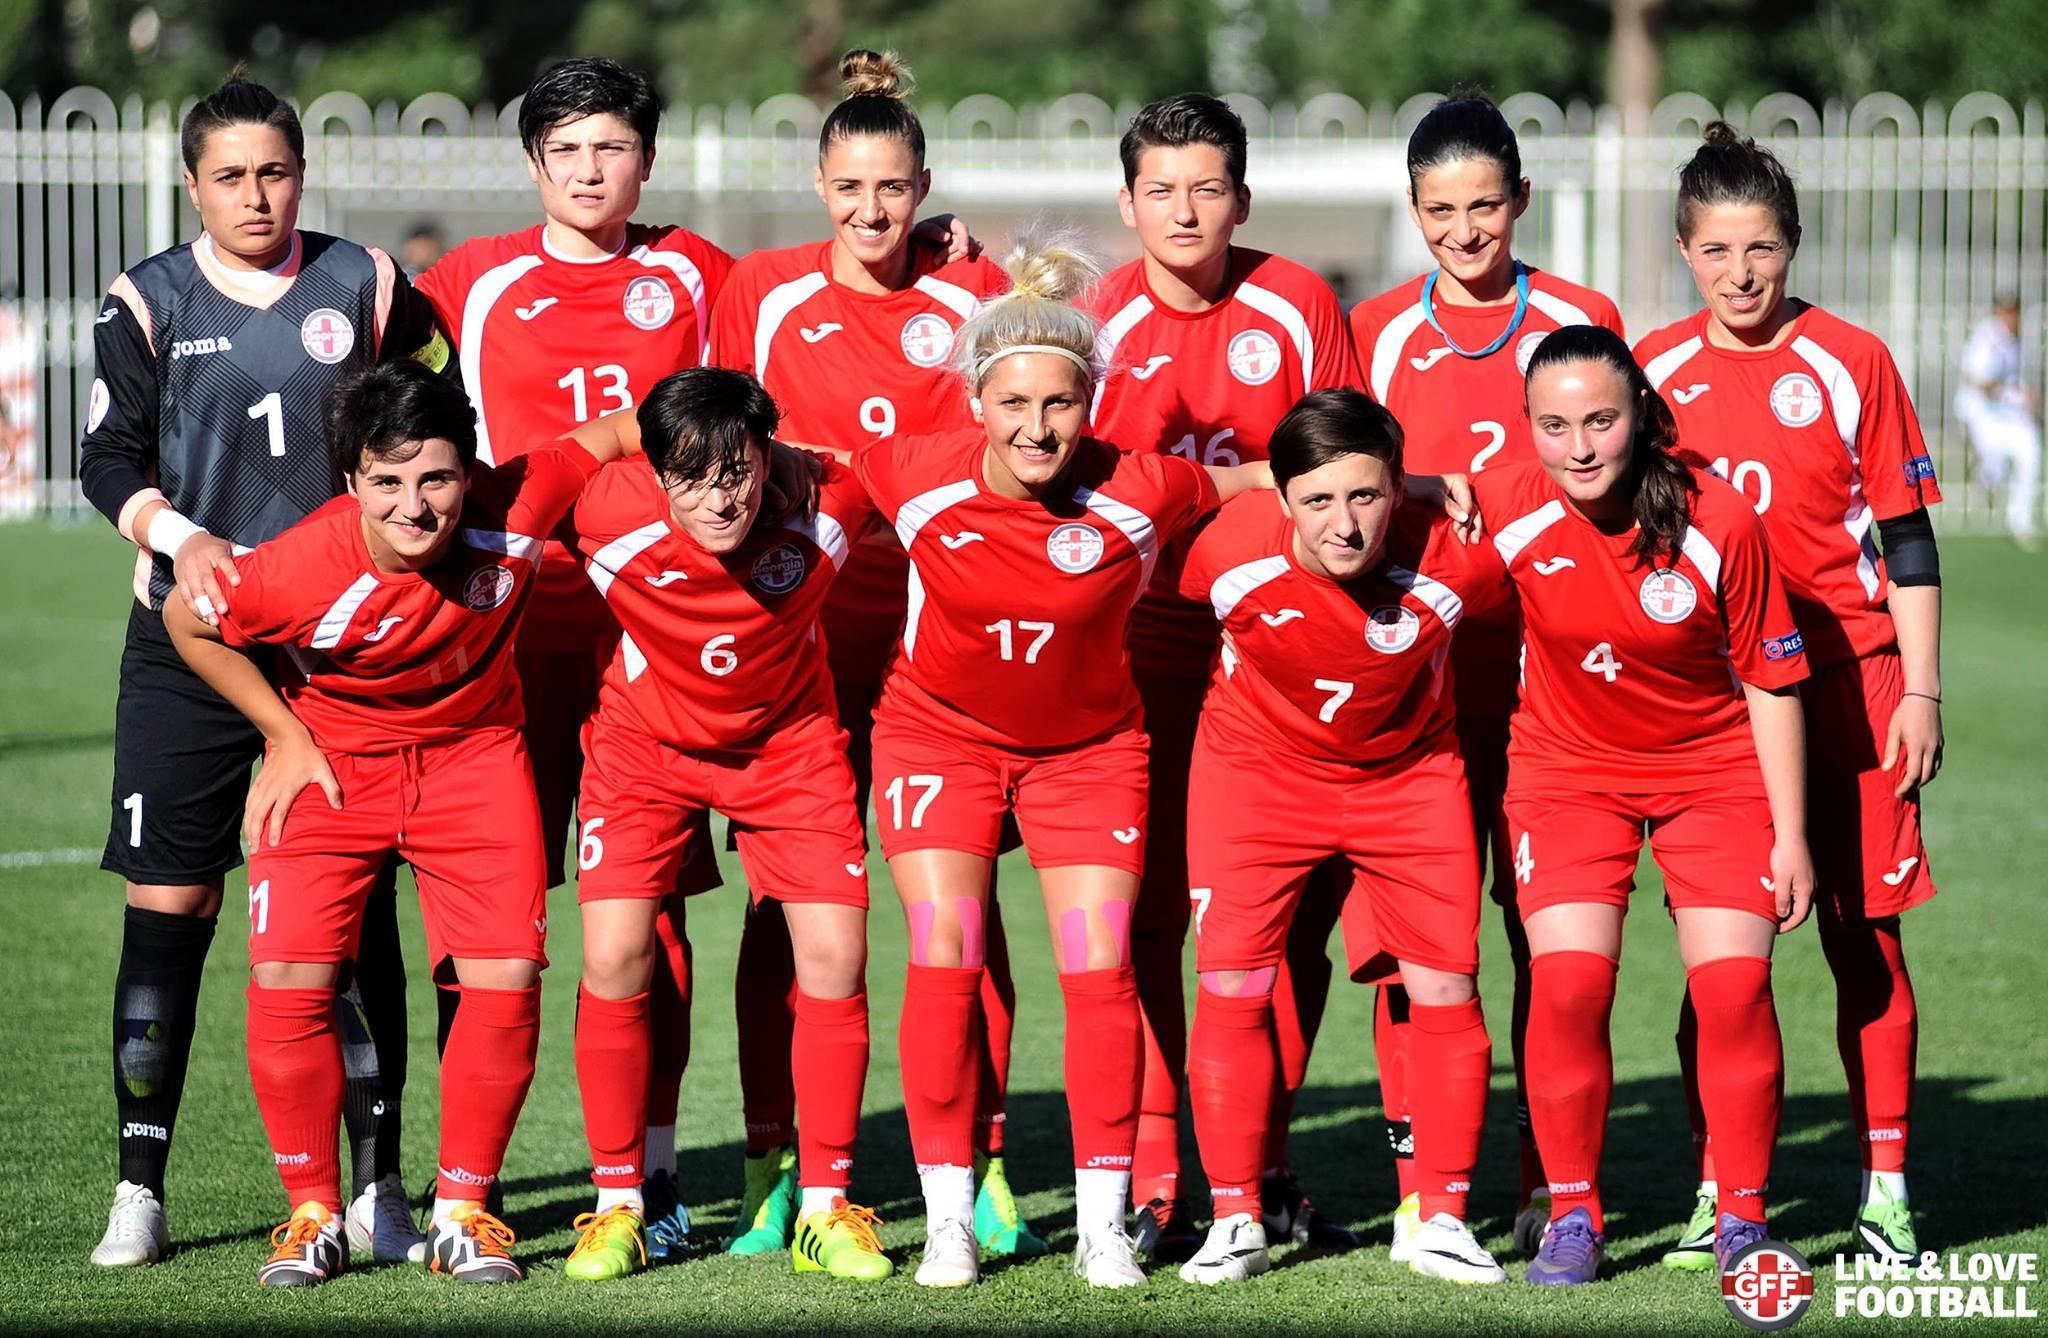 ana5 #общество featured, Ани Чеминава, женский футбол, спорт, футбол